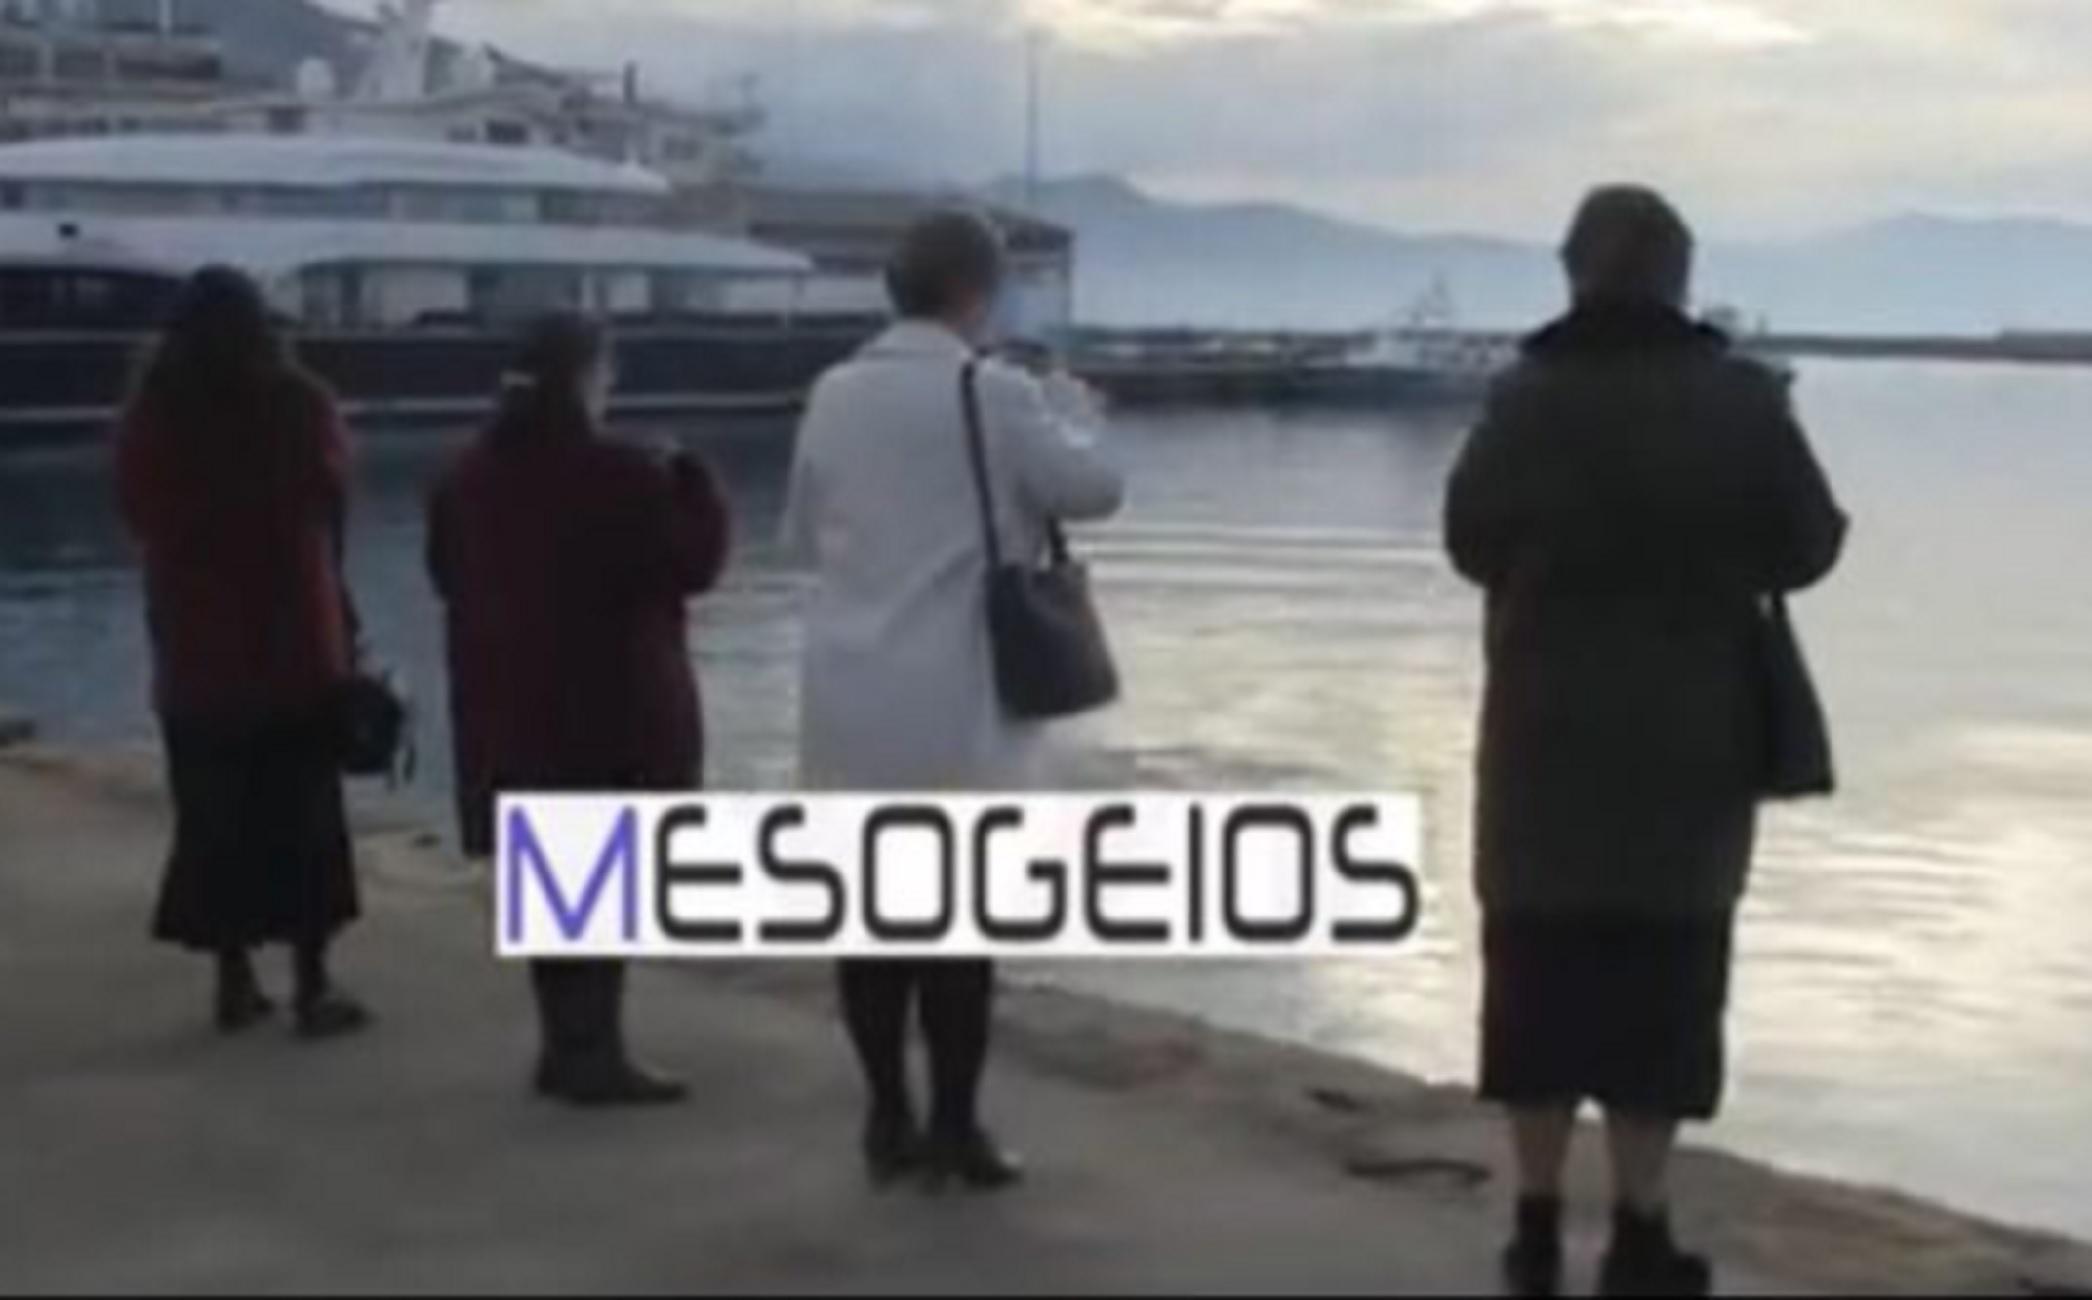 Καλαμάτα – Θεοφάνεια: Η στιγμή που 4 γυναίκες ρίχνουν αυτοσχέδιο σταυρό και αγιάζουν τα νερά (video)